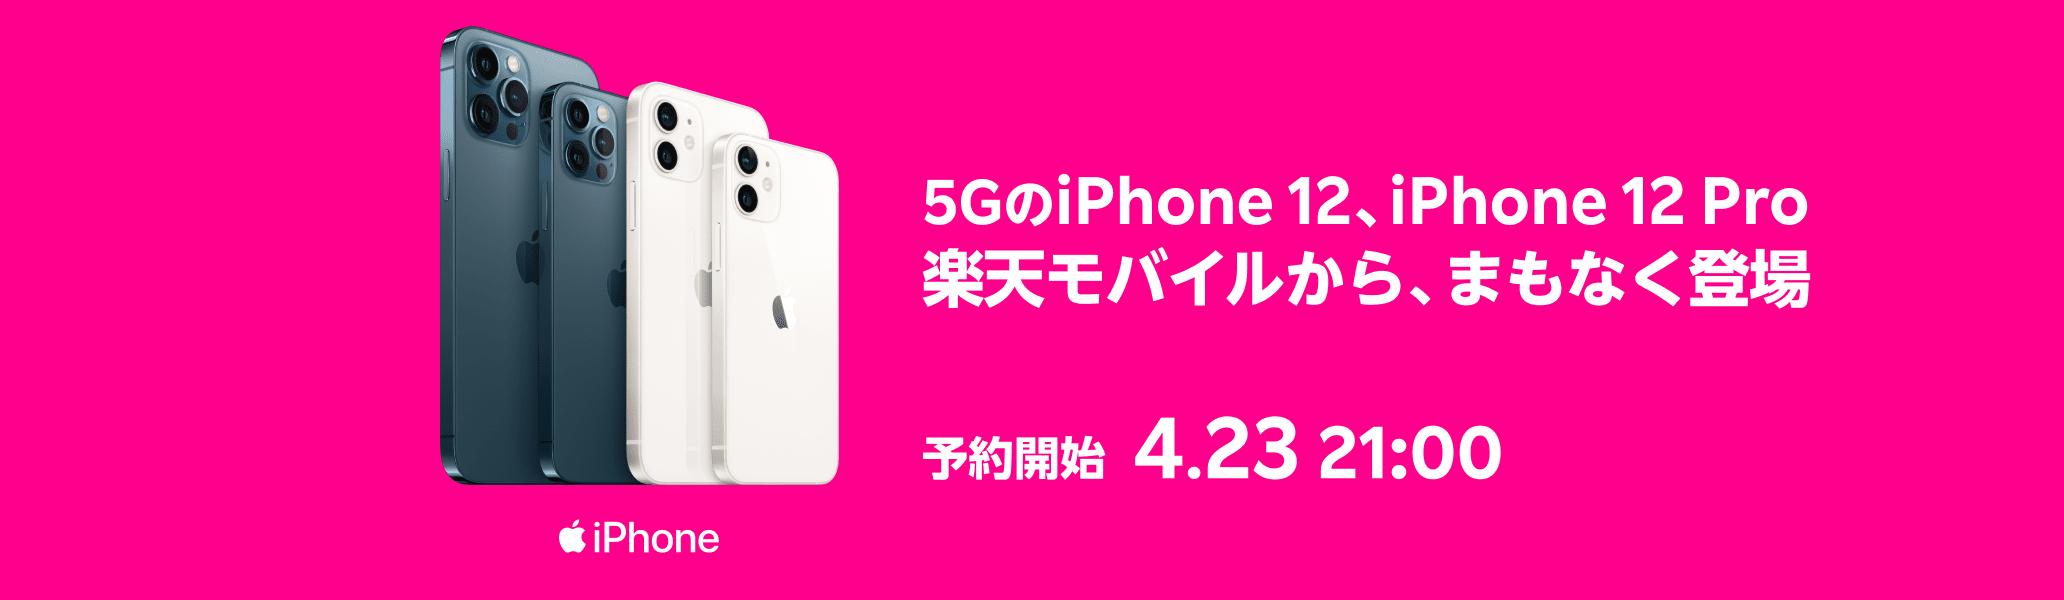 楽天モバイルでiPhone12/12Pro/SE2が取扱開始へ。申し込みで2万ポイントが貰えて4大キャリアで最安値へ。4/23 21時~。